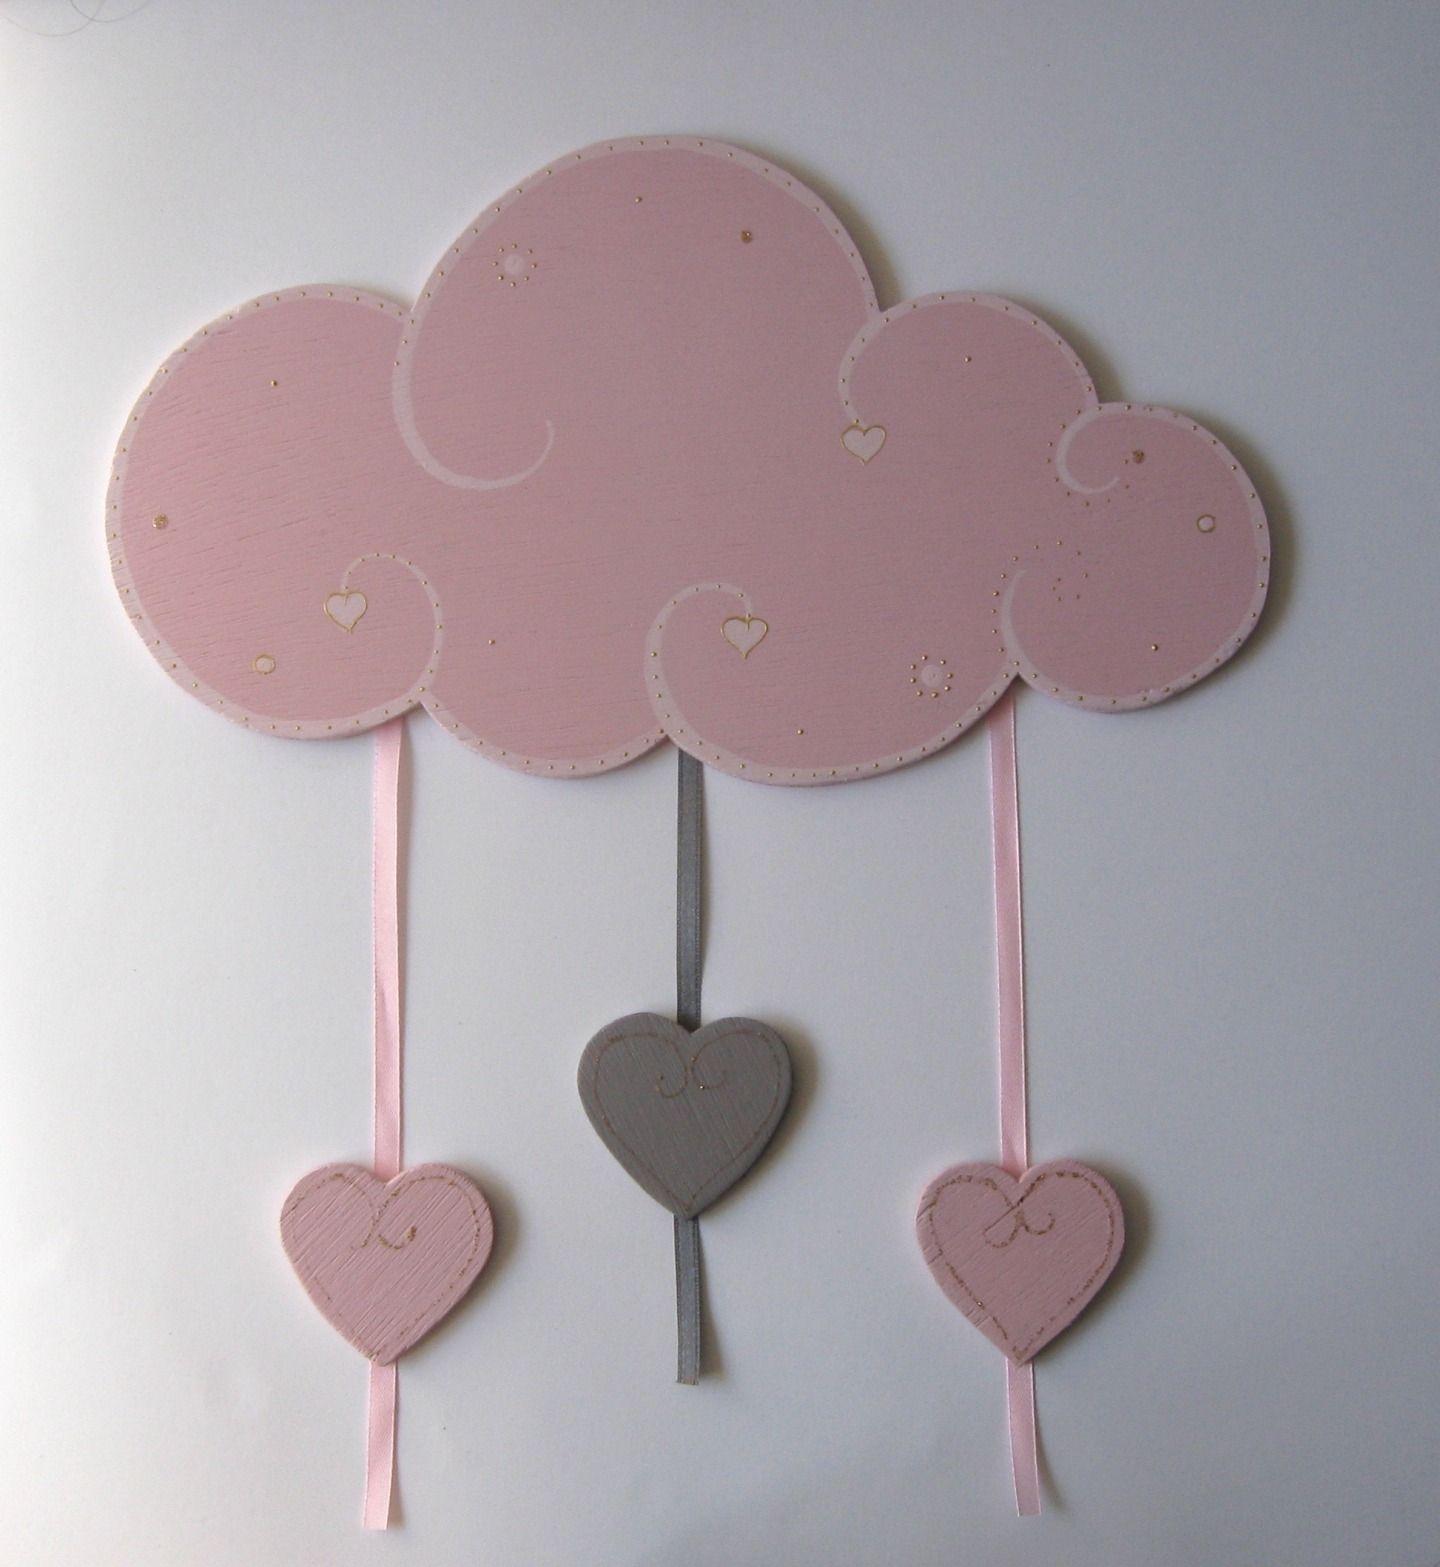 plaque de porte personnalis e nuage en bois rose avec coeurs suspendus d coration pour enfant. Black Bedroom Furniture Sets. Home Design Ideas